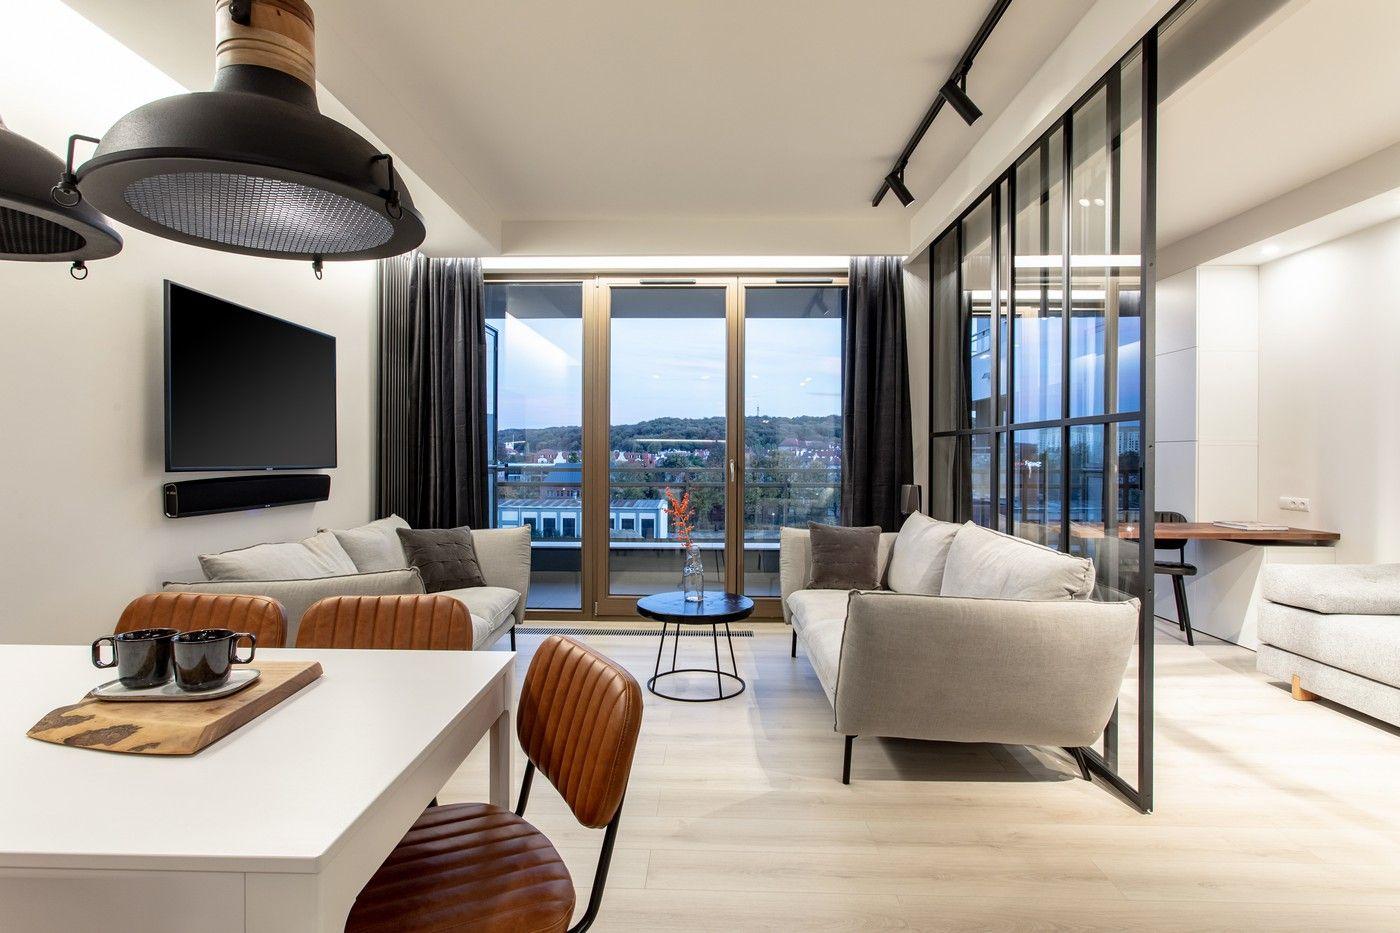 Foorni Pl Projekt Edyta Malec Jadalnia Salon I Miejsce Do Pracy Wiele Funkcji W Jednym Mieszkaniu Loft Salon Kuchnia Jadaln Home Decor Design Home